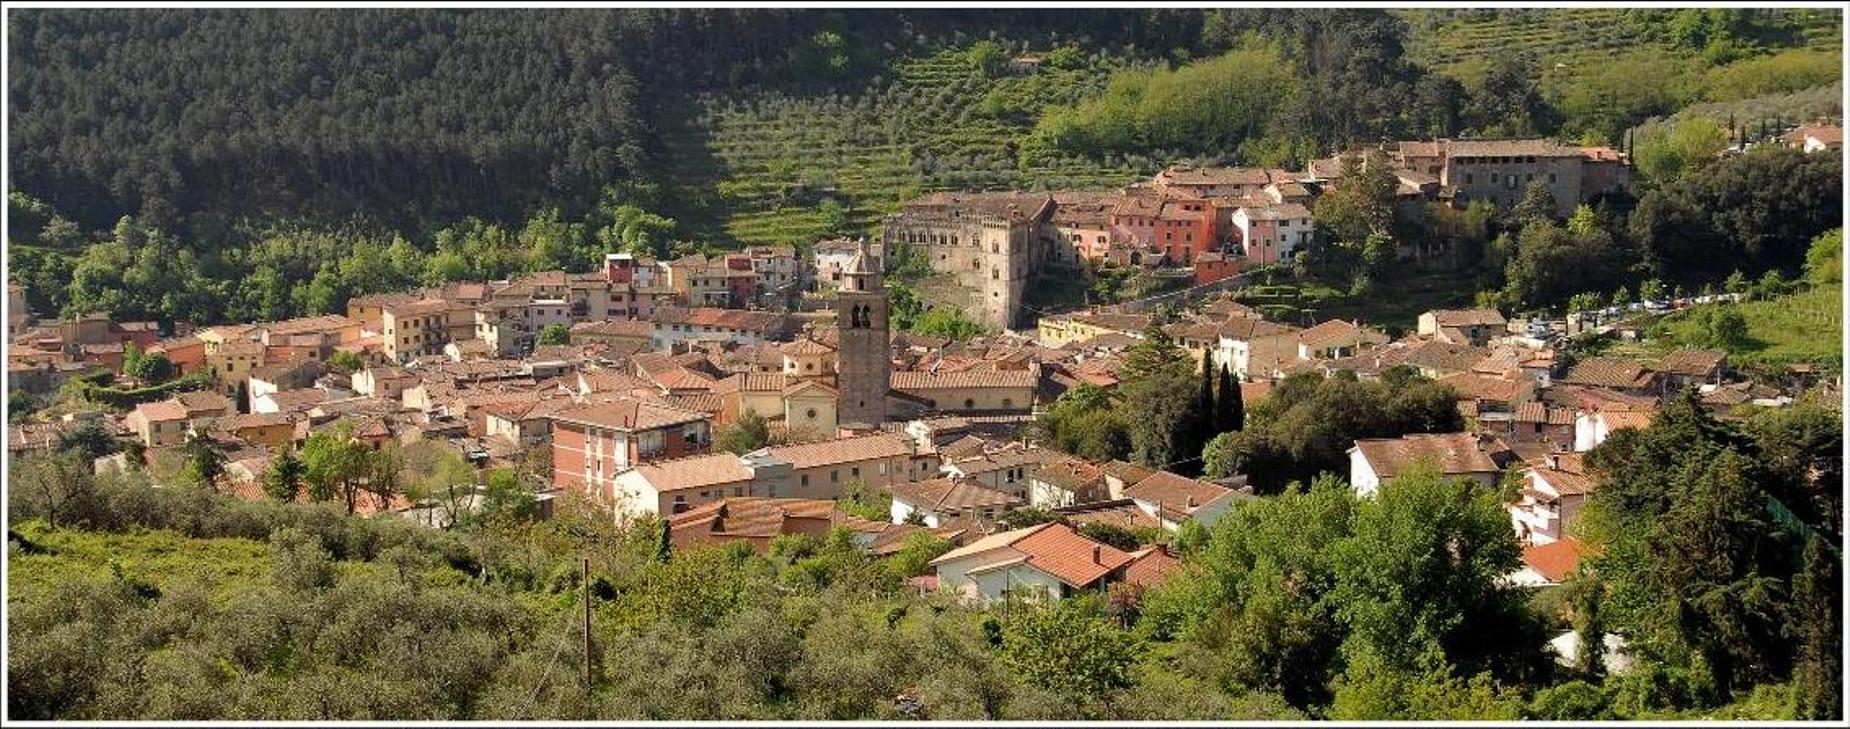 Buti - La valle del viver bene - Toscana Ovunque Bella